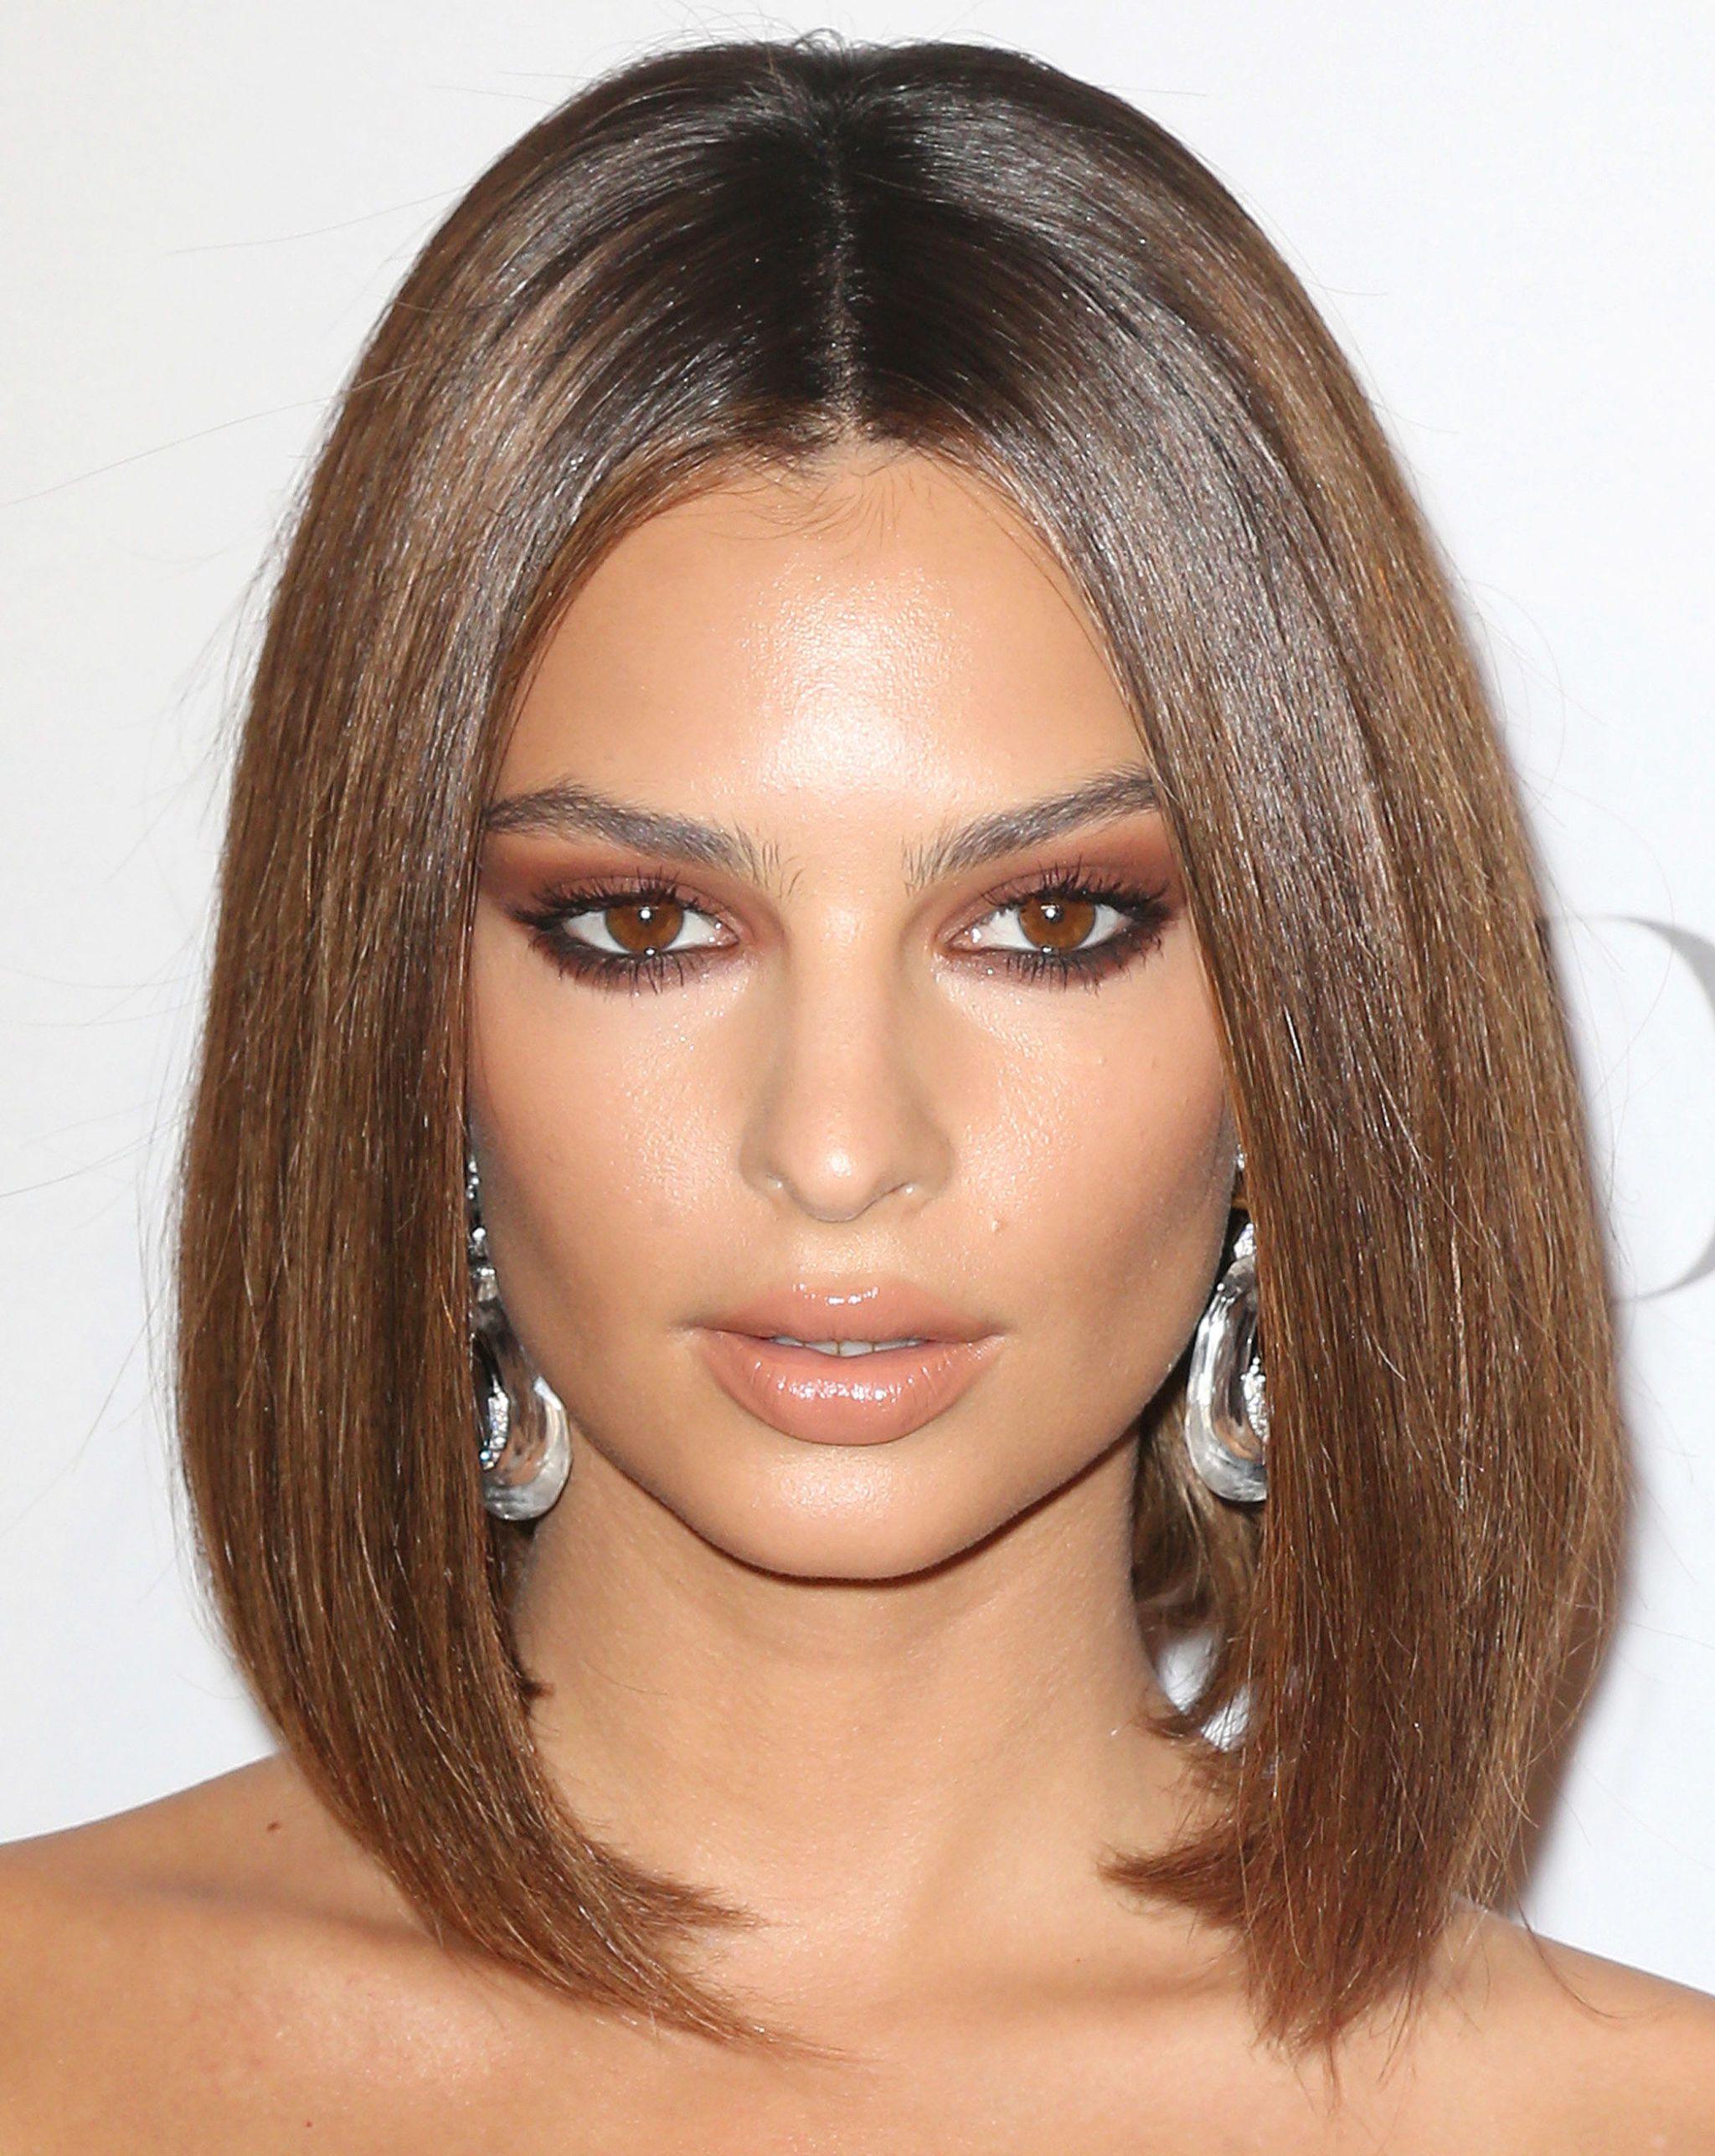 The boob hair style